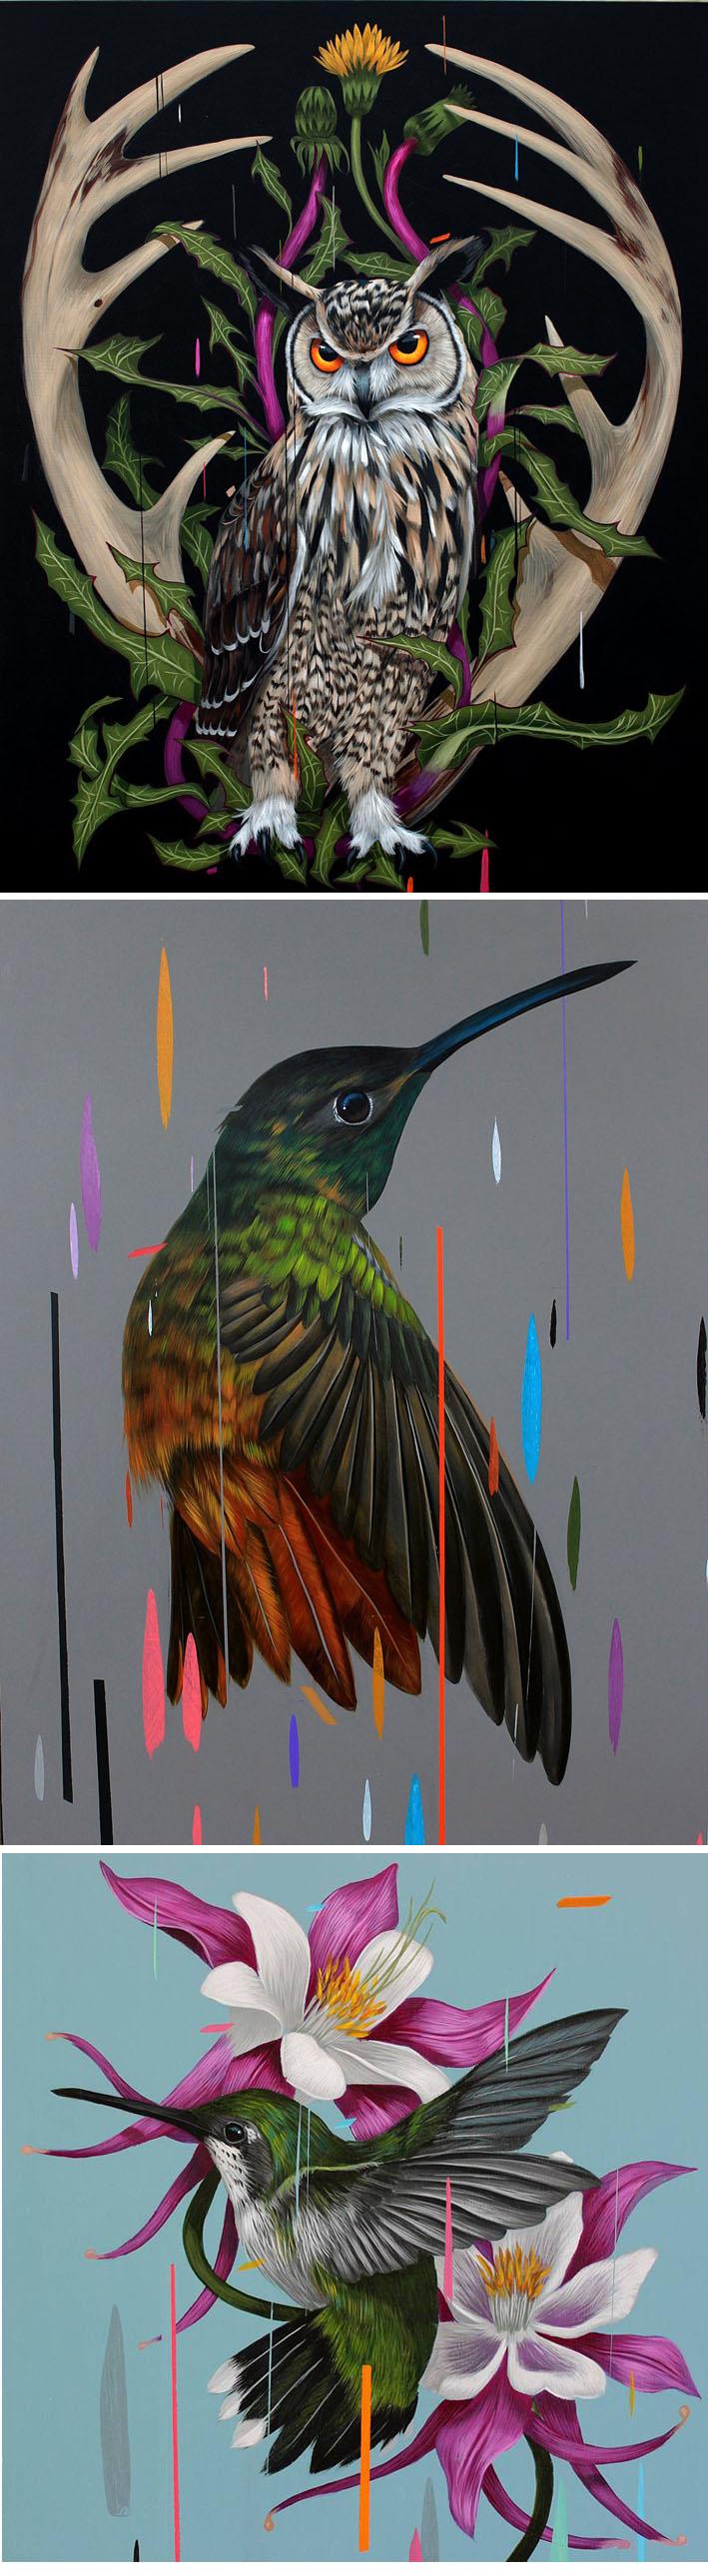 Pinturas de pássaros respingadas com tintas coloridas por Frank Gonzales stylo urbano